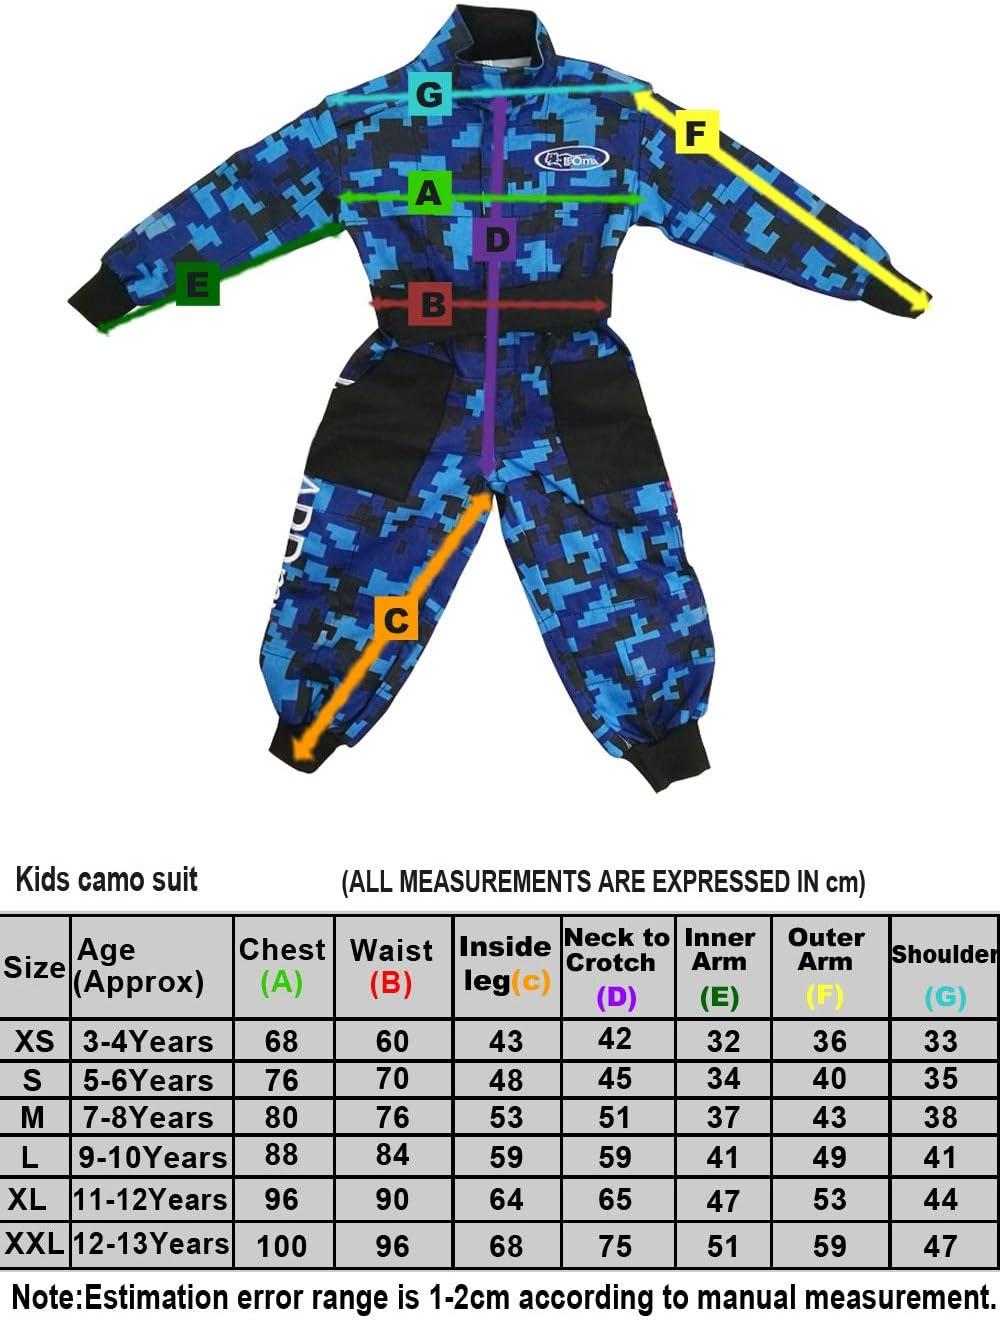 3-4 A/ños Gafas Casco/&Guantes L Guantes Traje XS Rojo Leopard LEO-X15 Rojo Casco de Motocross para Ni/ños Camo Traje de Motocross para Ni/ños